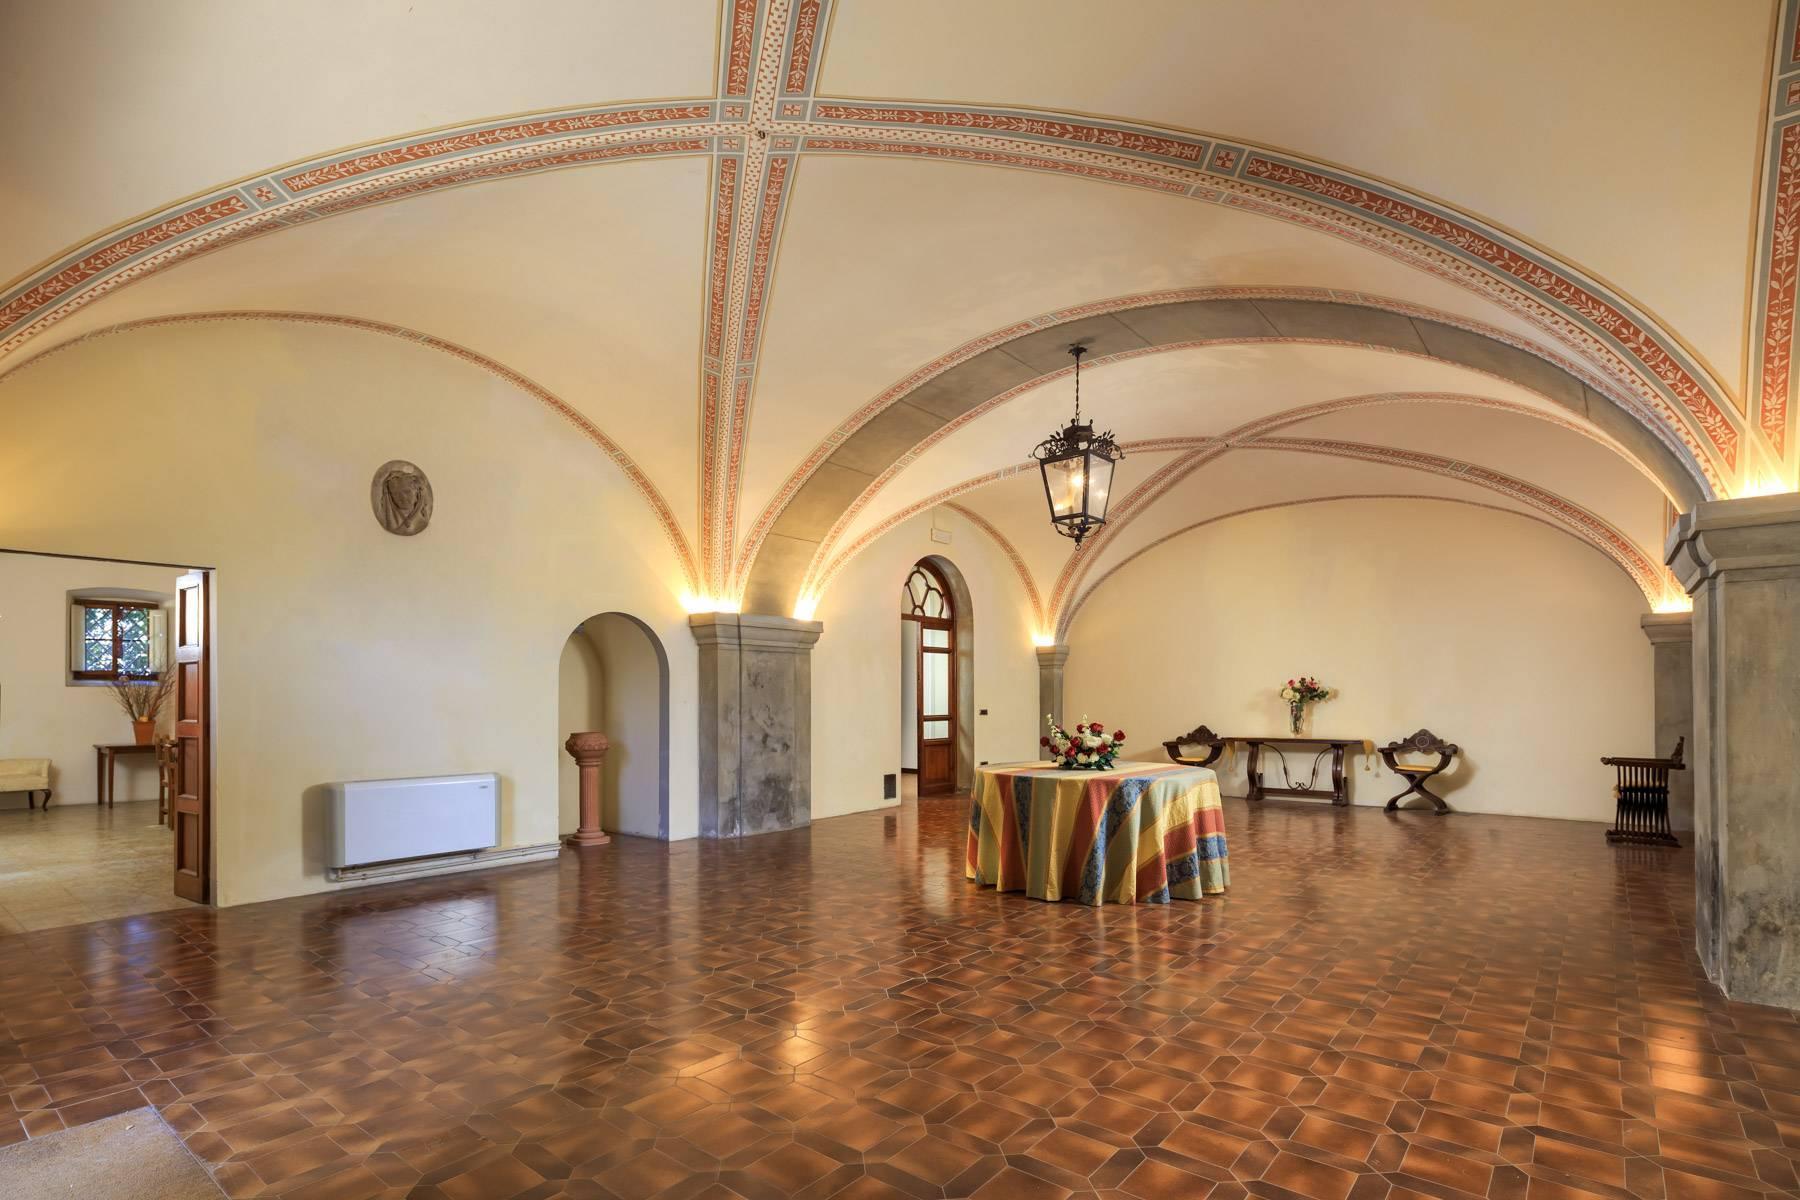 Château de prestige sur les collines florentines - 6